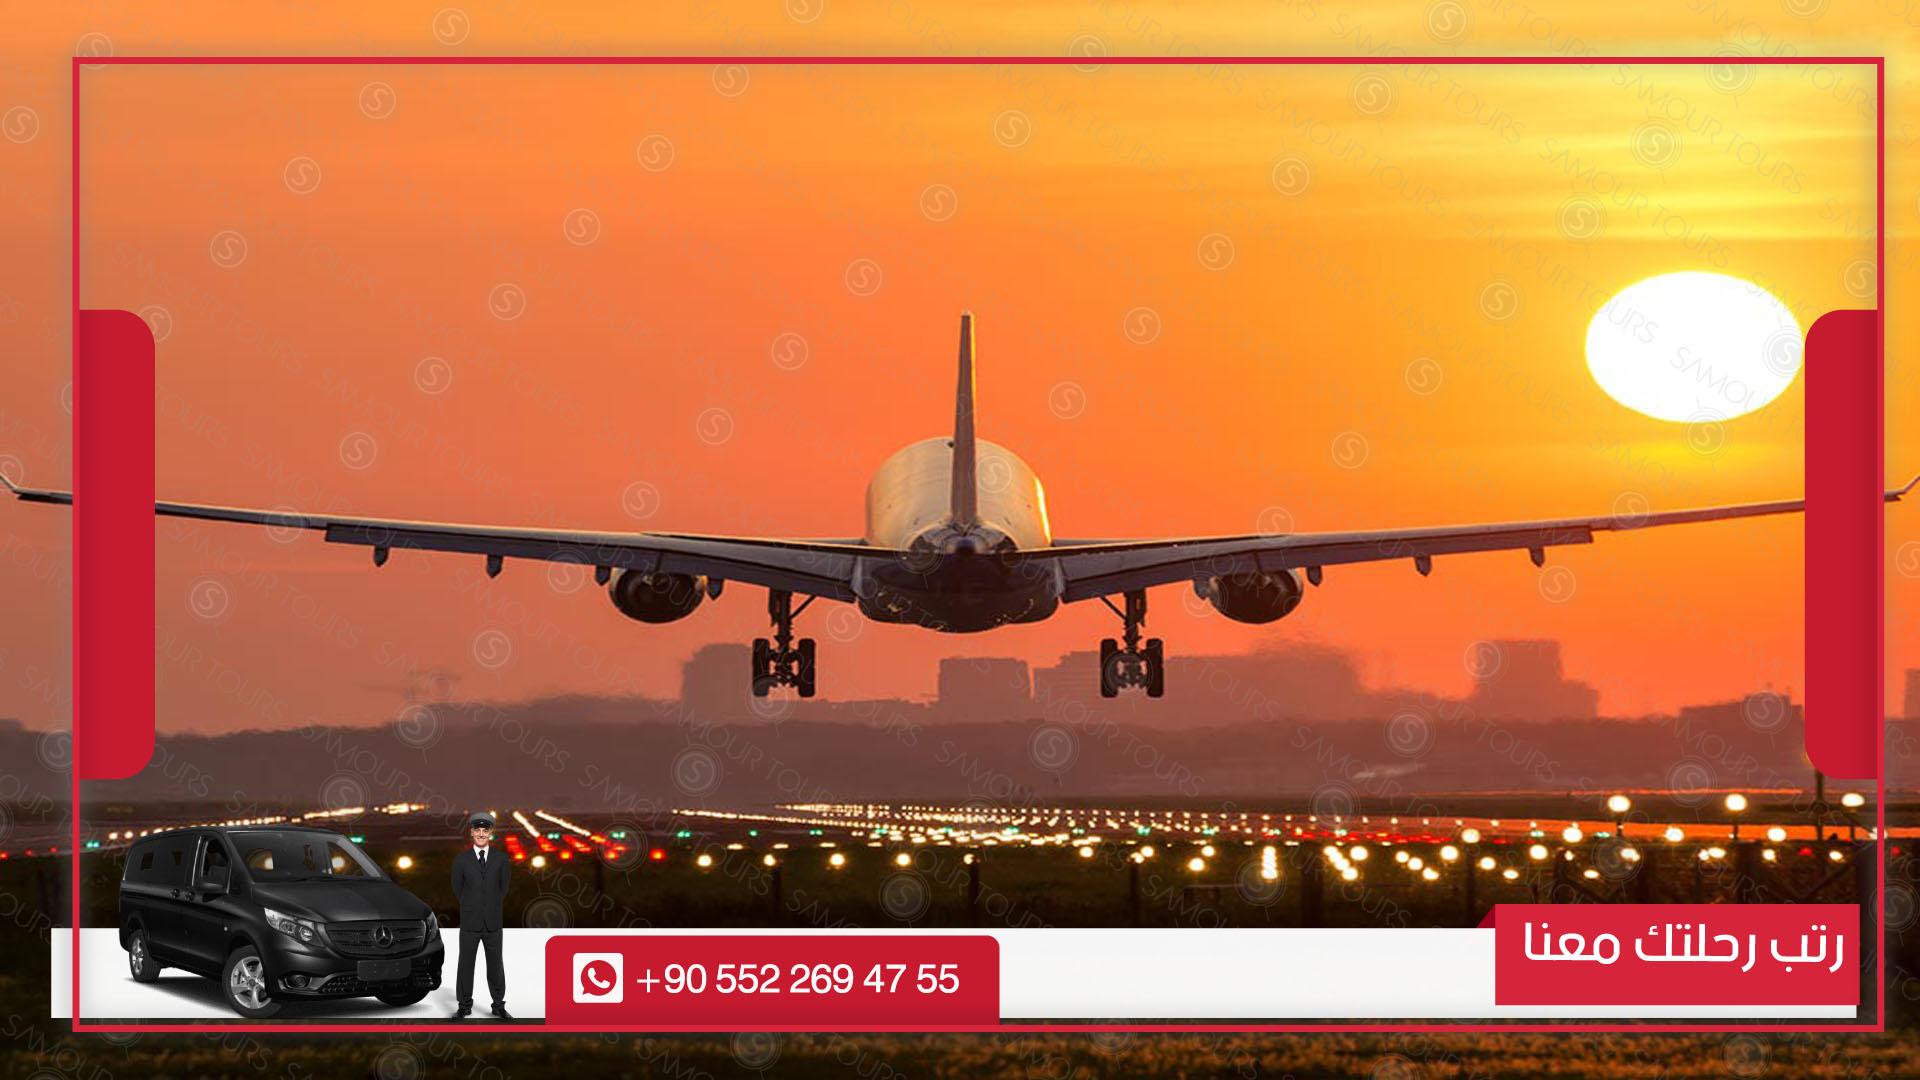 حجوزات الطيران شركة سمور السياحية